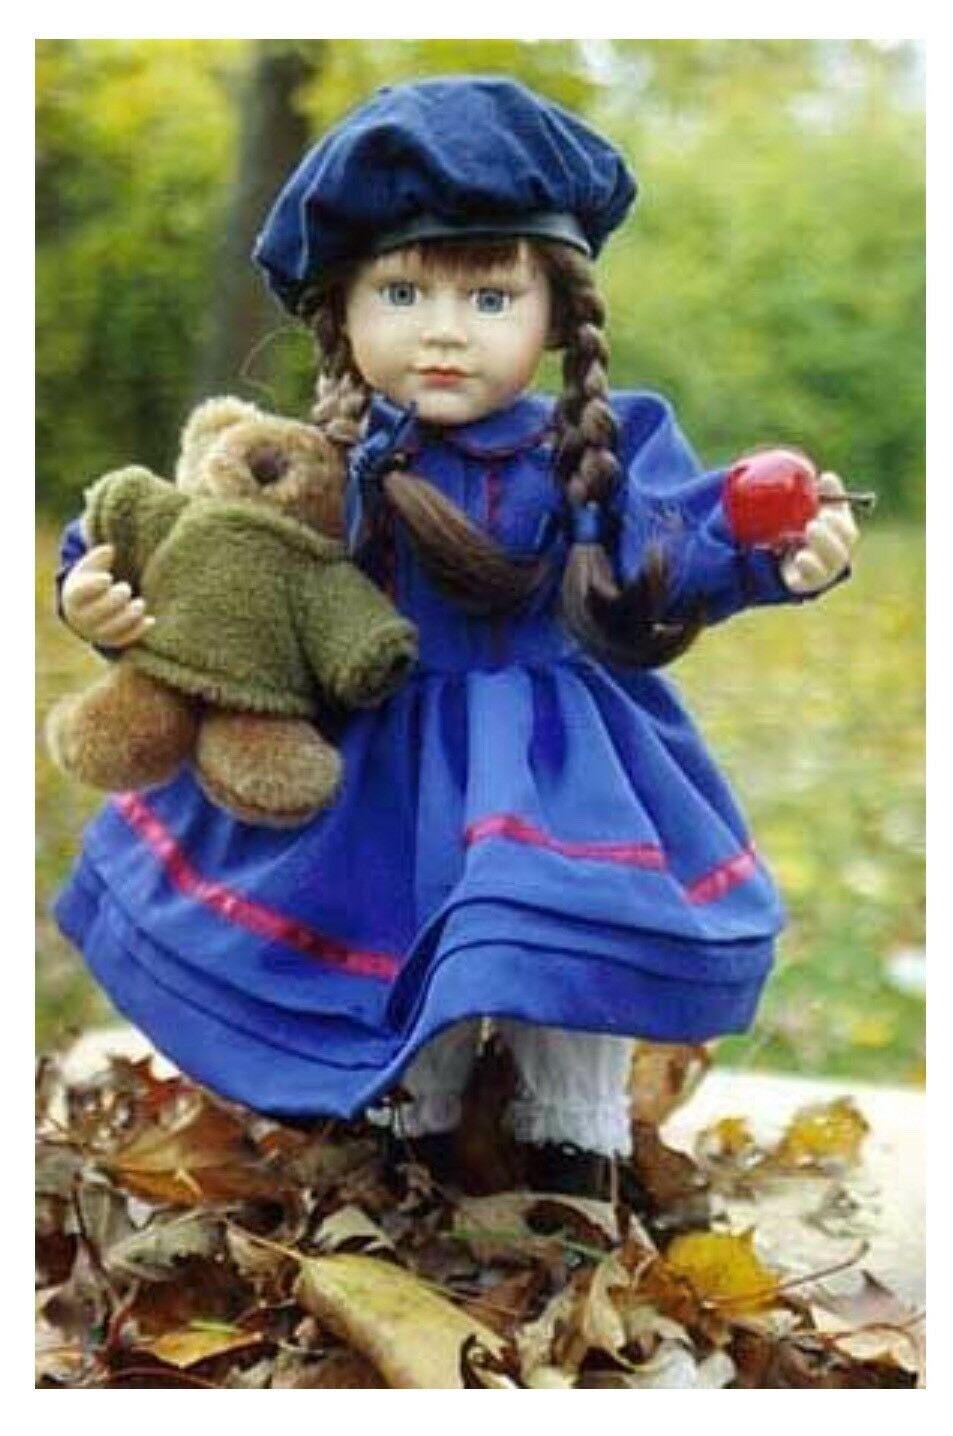 ci sono più marche di prodotti di alta qualità NIB NIB NIB NOS Chantal Poulin  Autumn  Collector's bambola  249 15,000  sconto prezzo basso